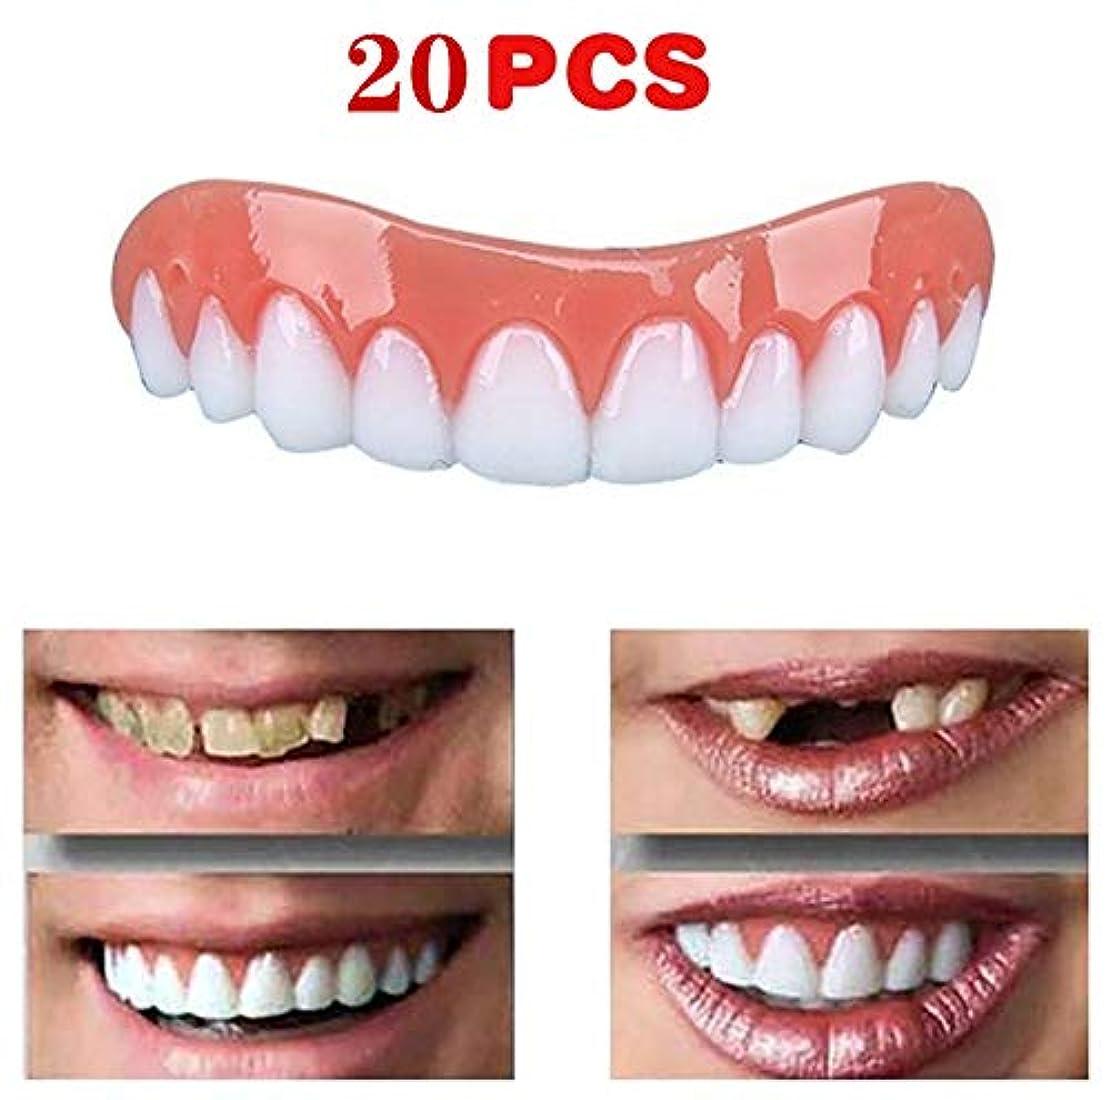 リラックスした微生物パンダ新しい再利用可能な大人のスナップオンパーフェクトスマイルホワイトニング義歯フィットフレックス化粧品歯快適なベニアカバーデンタルケアアクセサリー